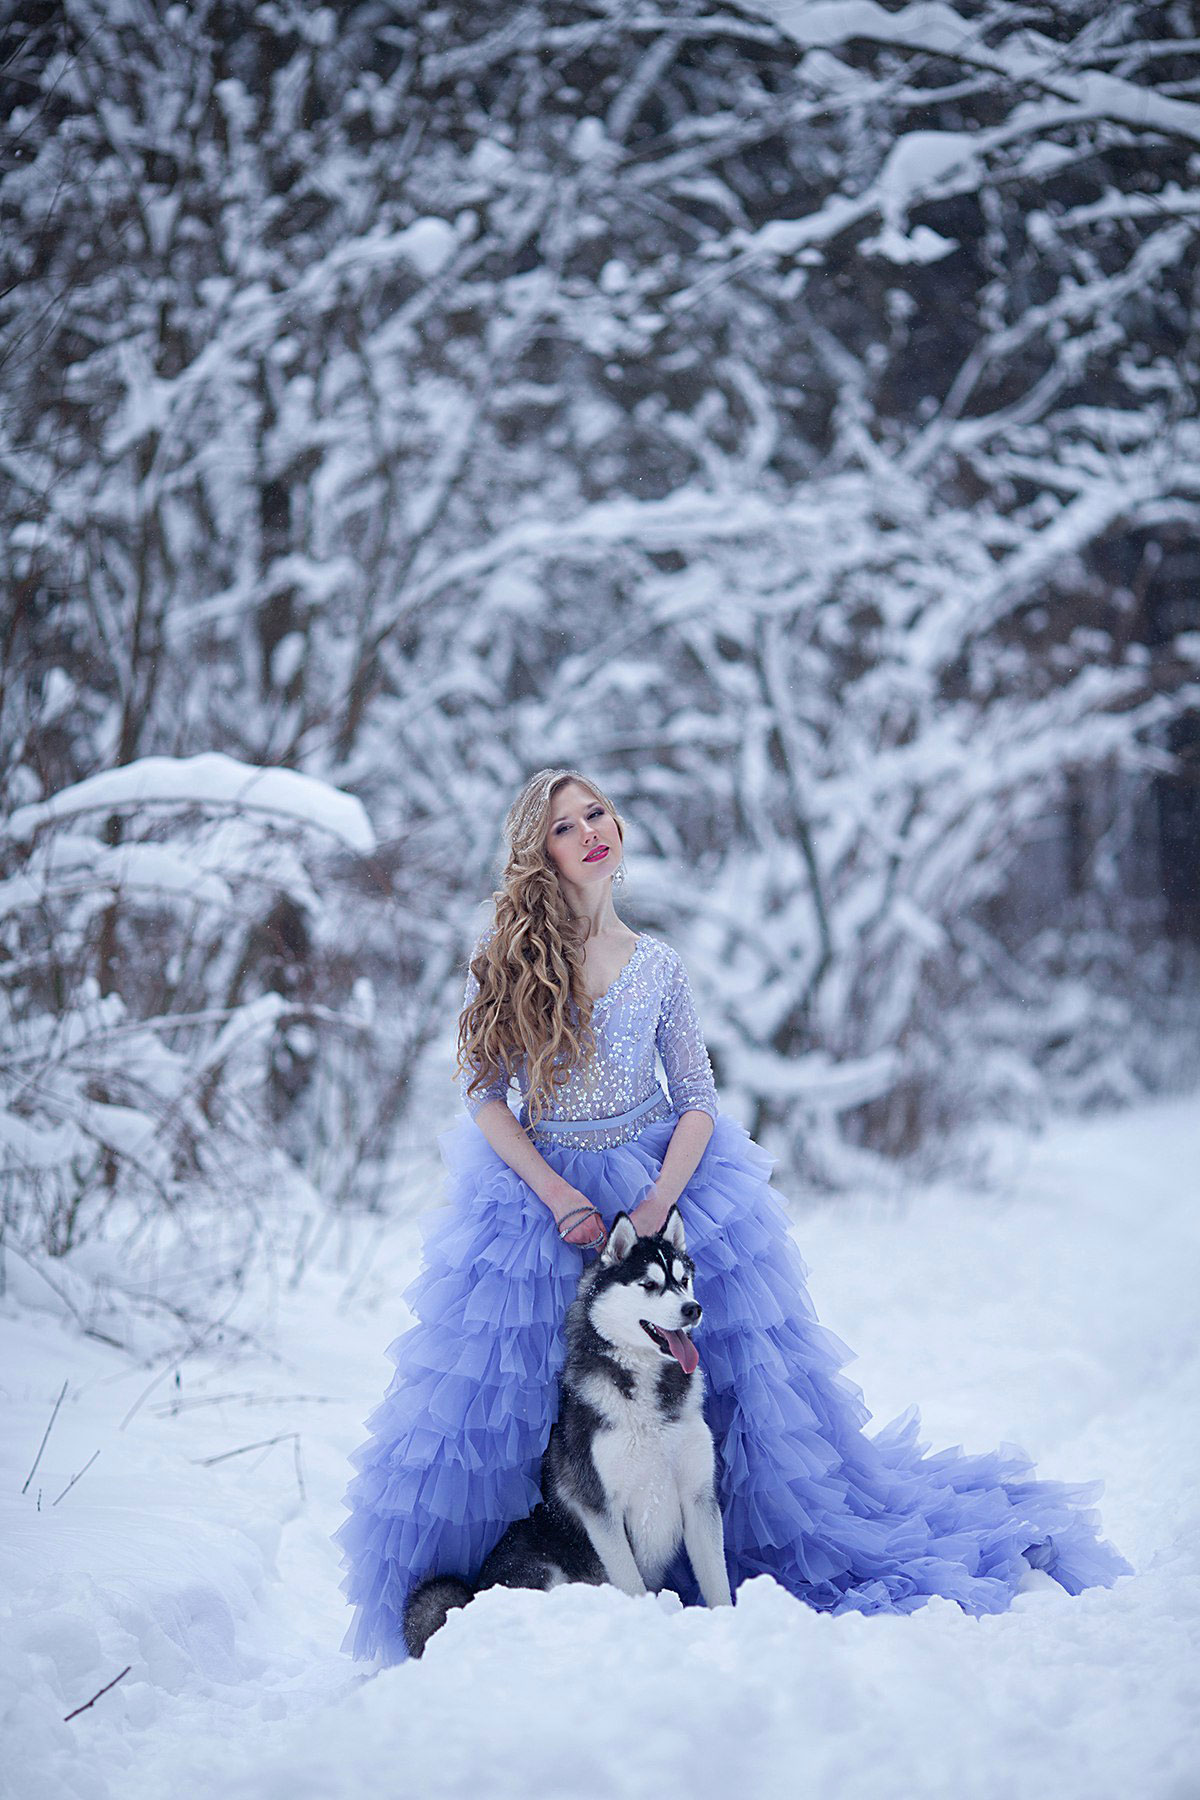 лучшие наряды для зимней фотосессии нашем обзоре два